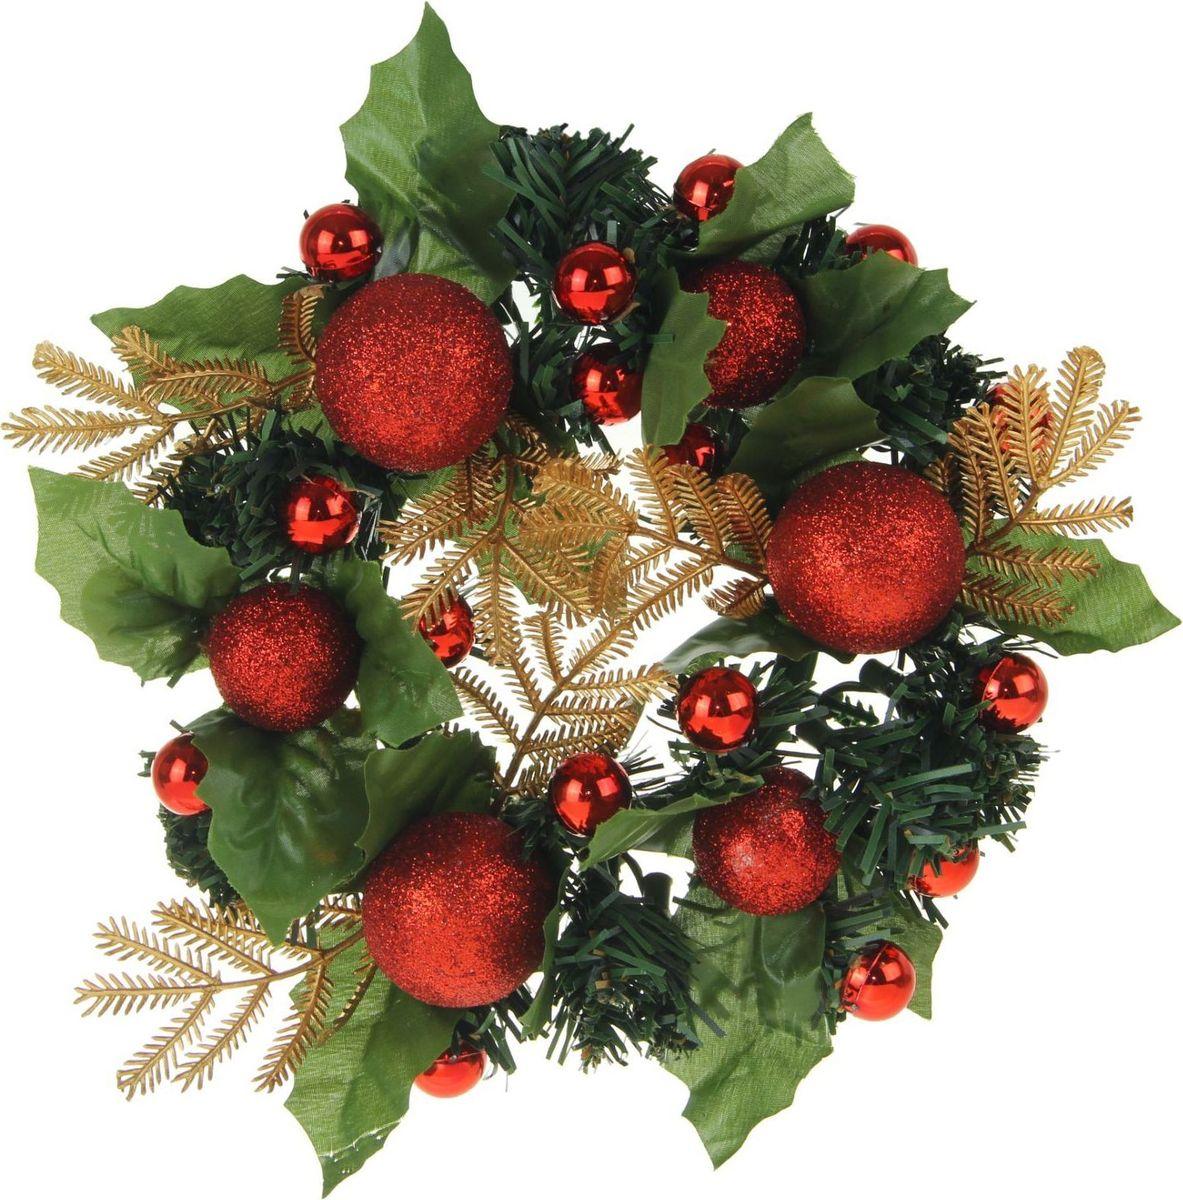 Венок новогодний Sima-land С красными шарами, диаметр 20 см1400106Рождественский венок был придуман теологом из Гамбурга Иоганном Хинрихом Вихерном. Он взял на воспитание несколько детишек из бедных семей, и они постоянно спрашивали, скоро ли наступит Рождество. Вихерн смастерил из деревянного колеса венок, на котором поставил свечи. Дети зажигали по одной каждый день и так отсчитывали время до праздника.Присоединяйтесь и вы к этой замечательной традиции! на дверях или стене напомнит о грядущем светлом дне и наполнит дом волшебным духом торжества.